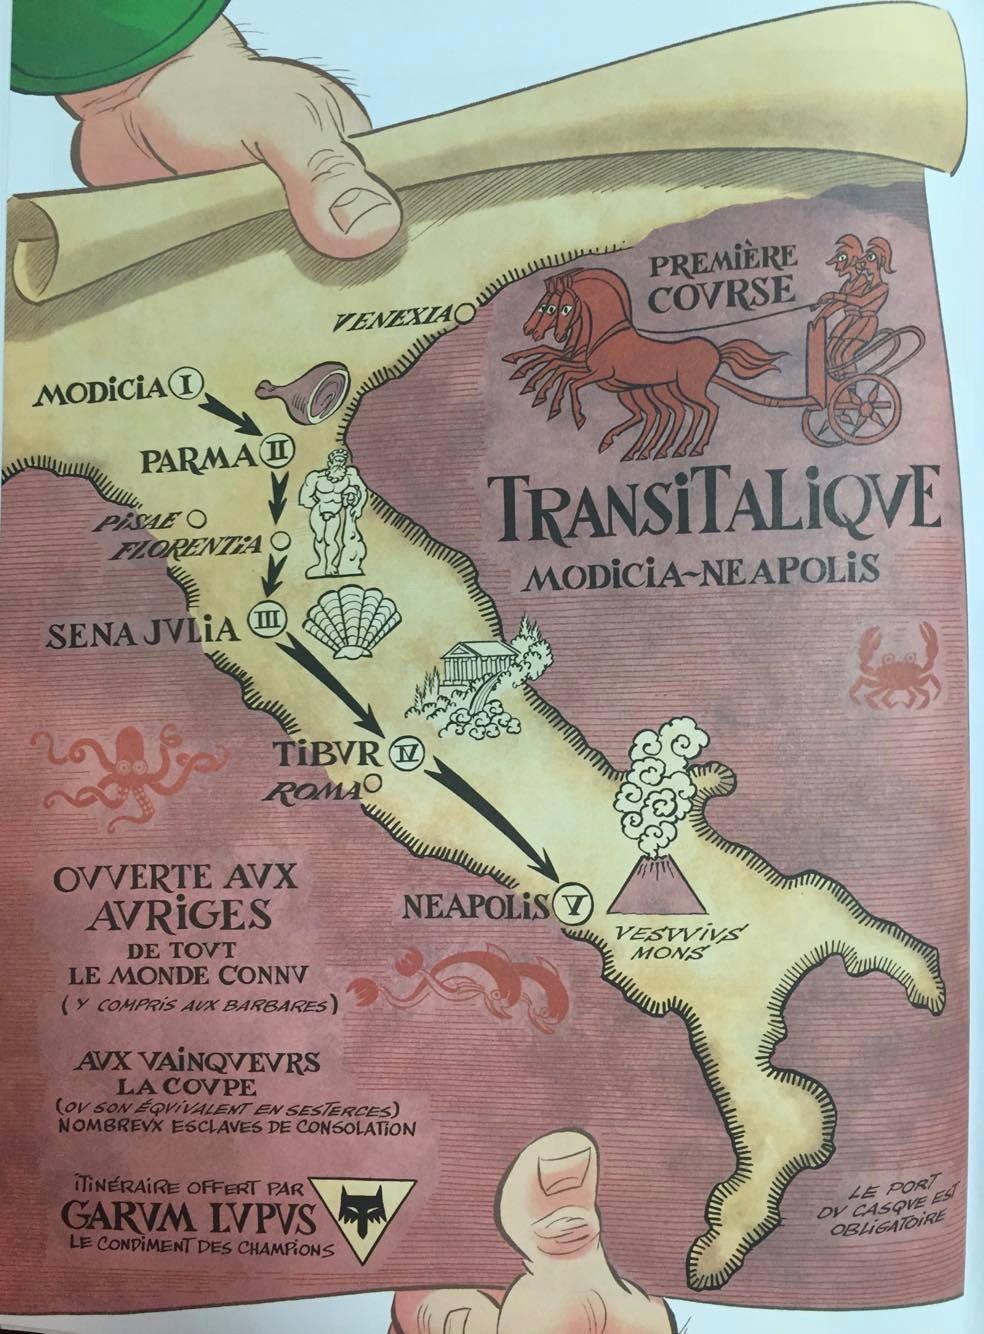 La carte manquante d'Astérix / The Asterix Missing Map